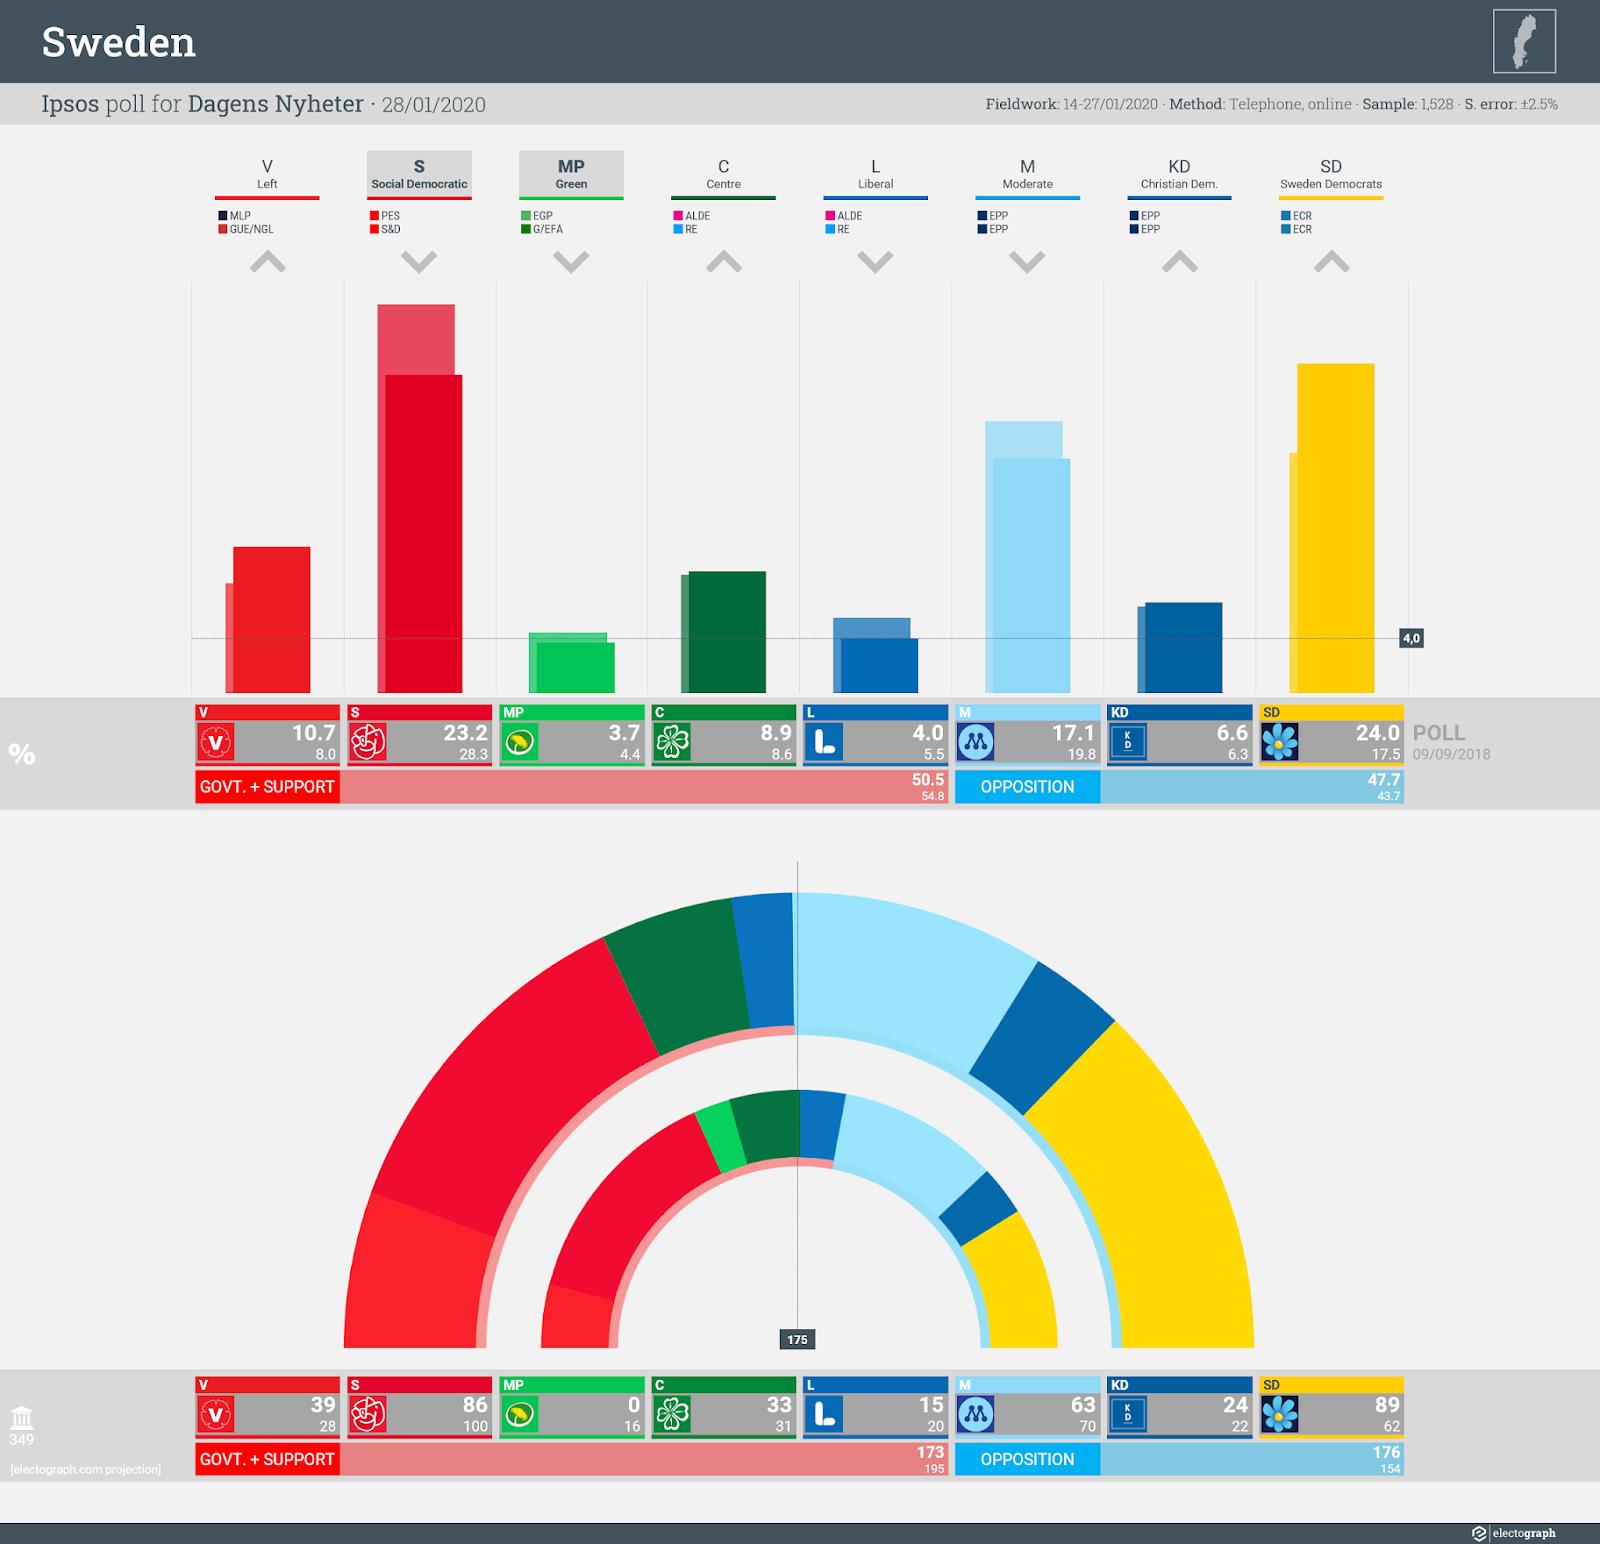 SWEDEN: Ipsos poll chart for Dagens Nyheter, 28 January 2020